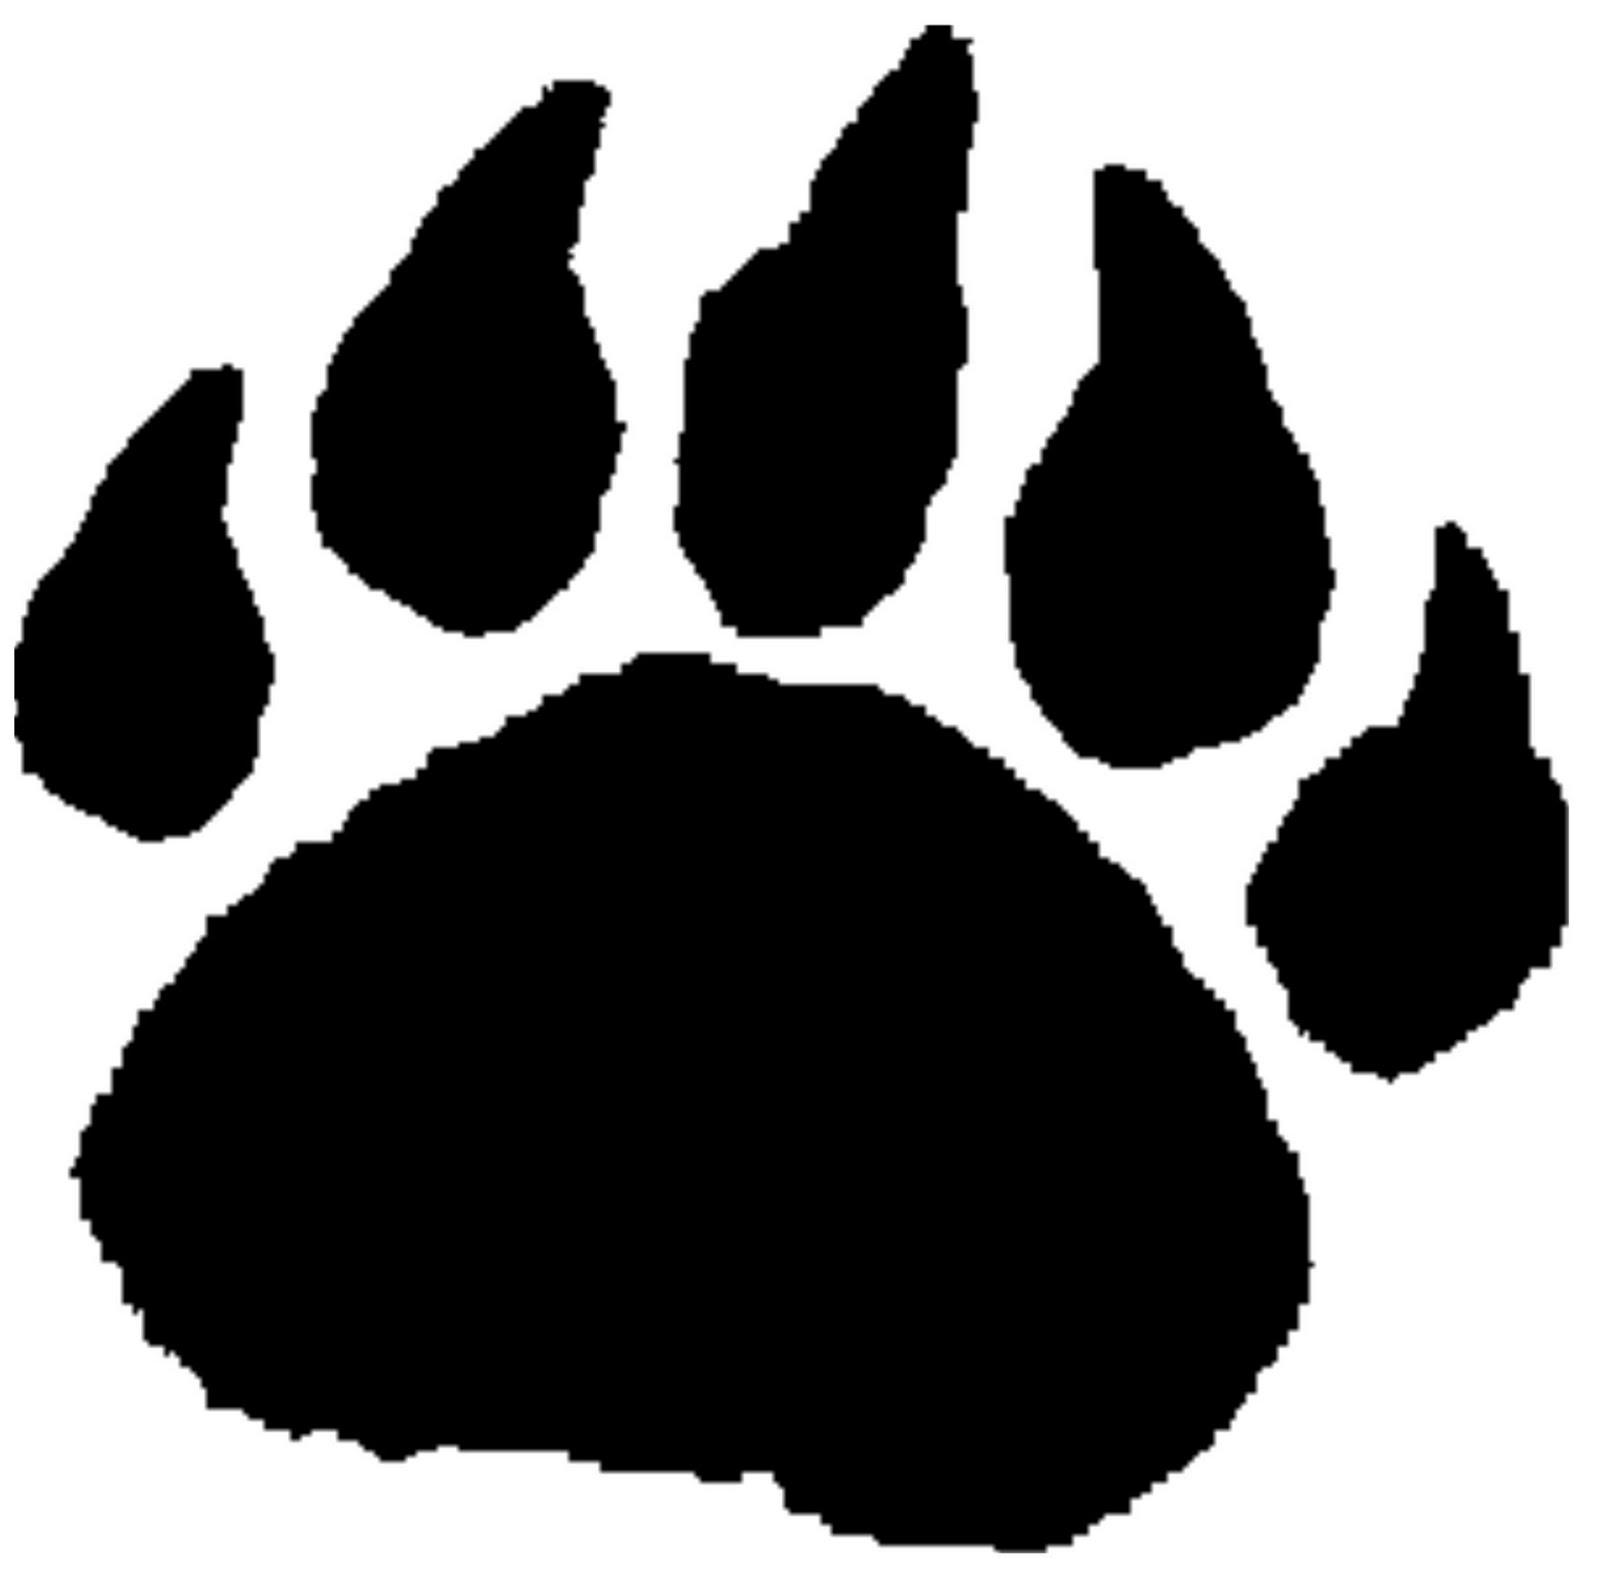 Paw clipart black bear. Print clip art n